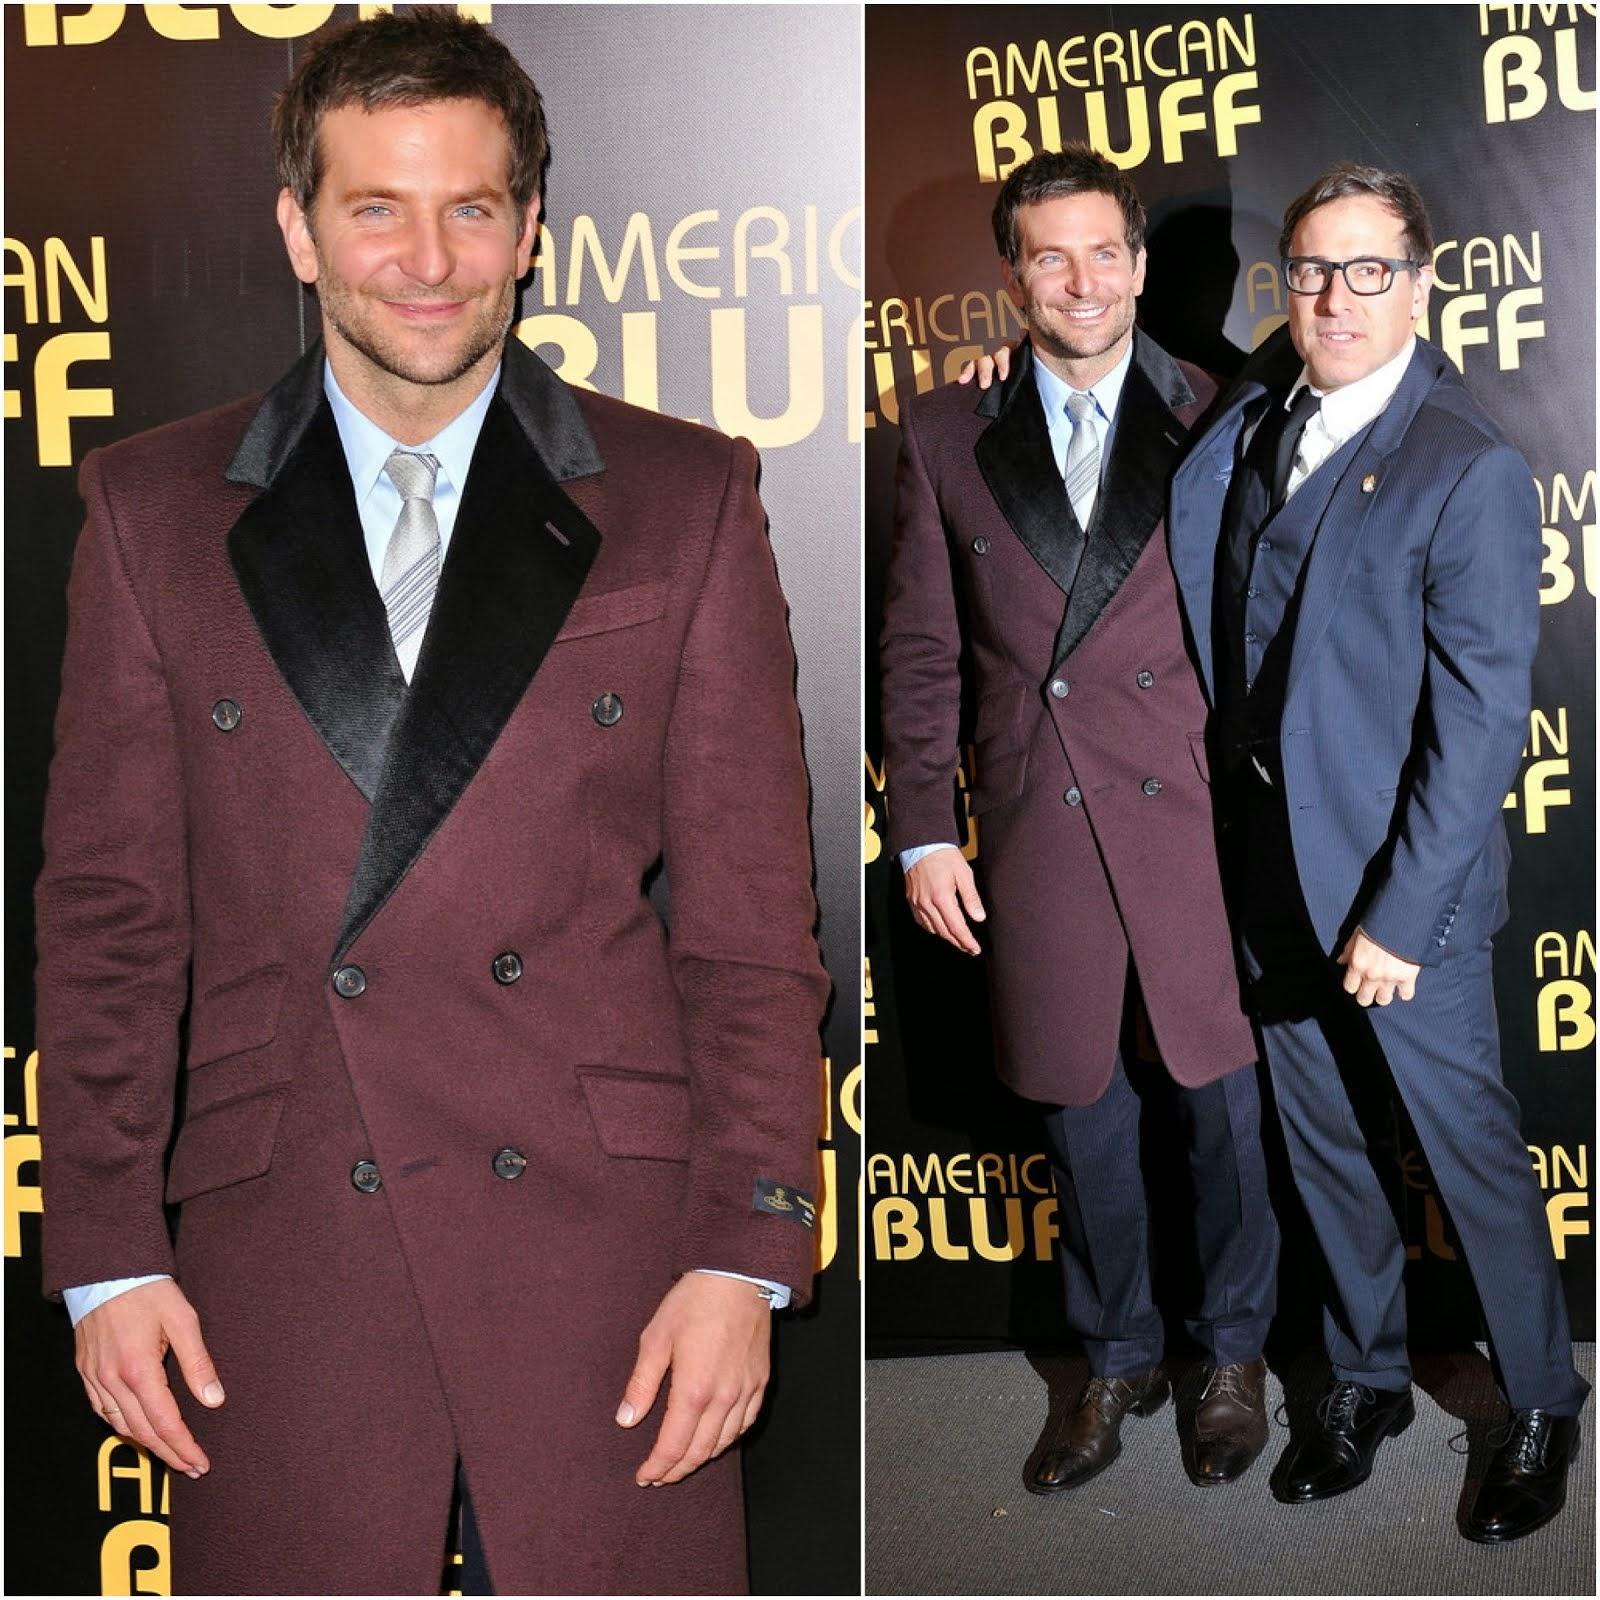 Bradley Cooper in Vivienne Westwood - 'American Bluff' Paris Premiere